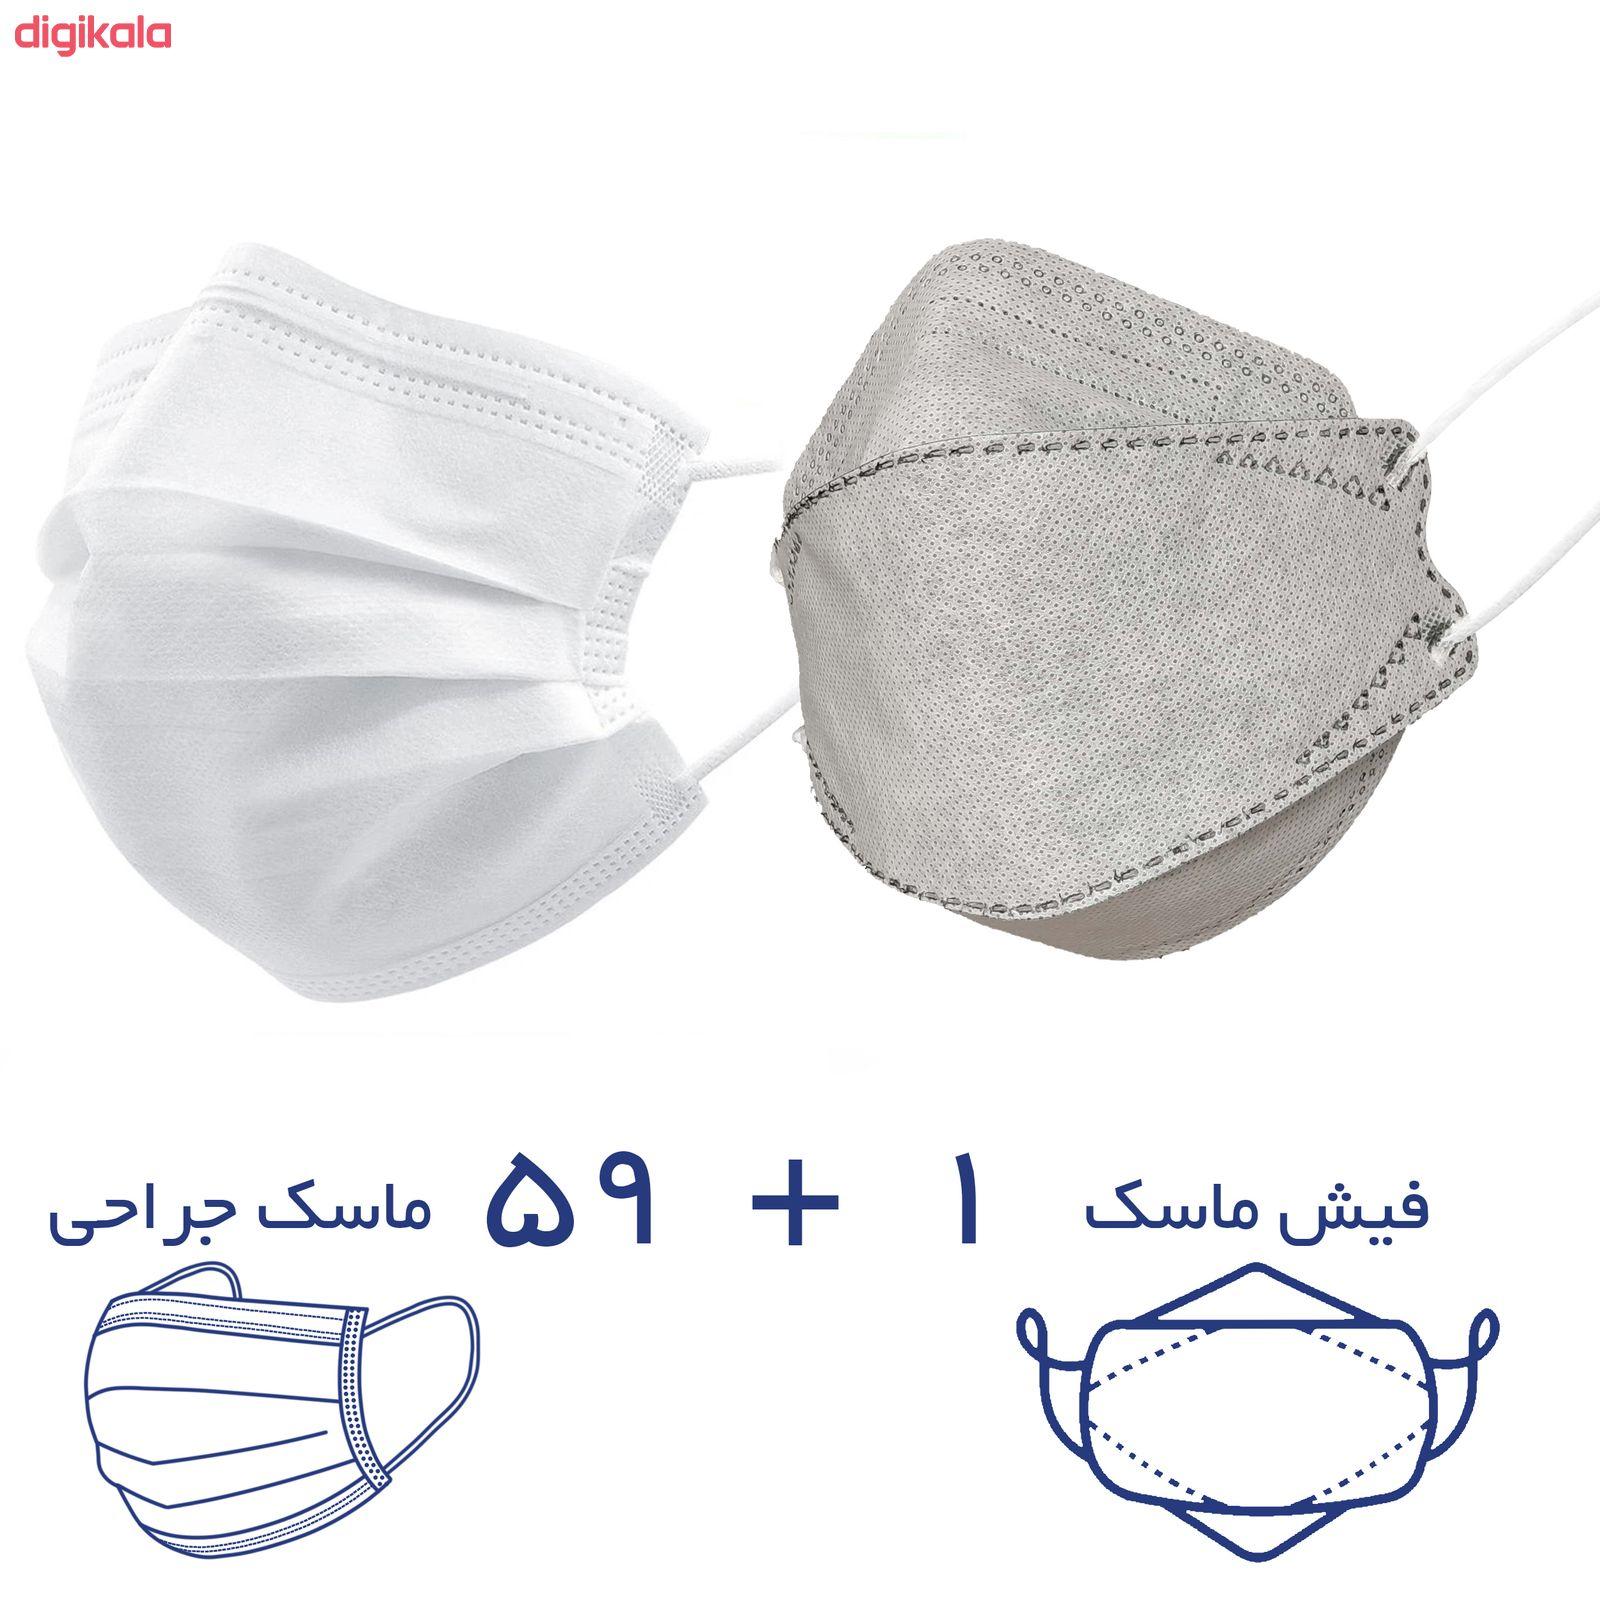 ماسک تنفسی ریباطب مدل پریمیوم مجموعه 60 عددی main 1 5